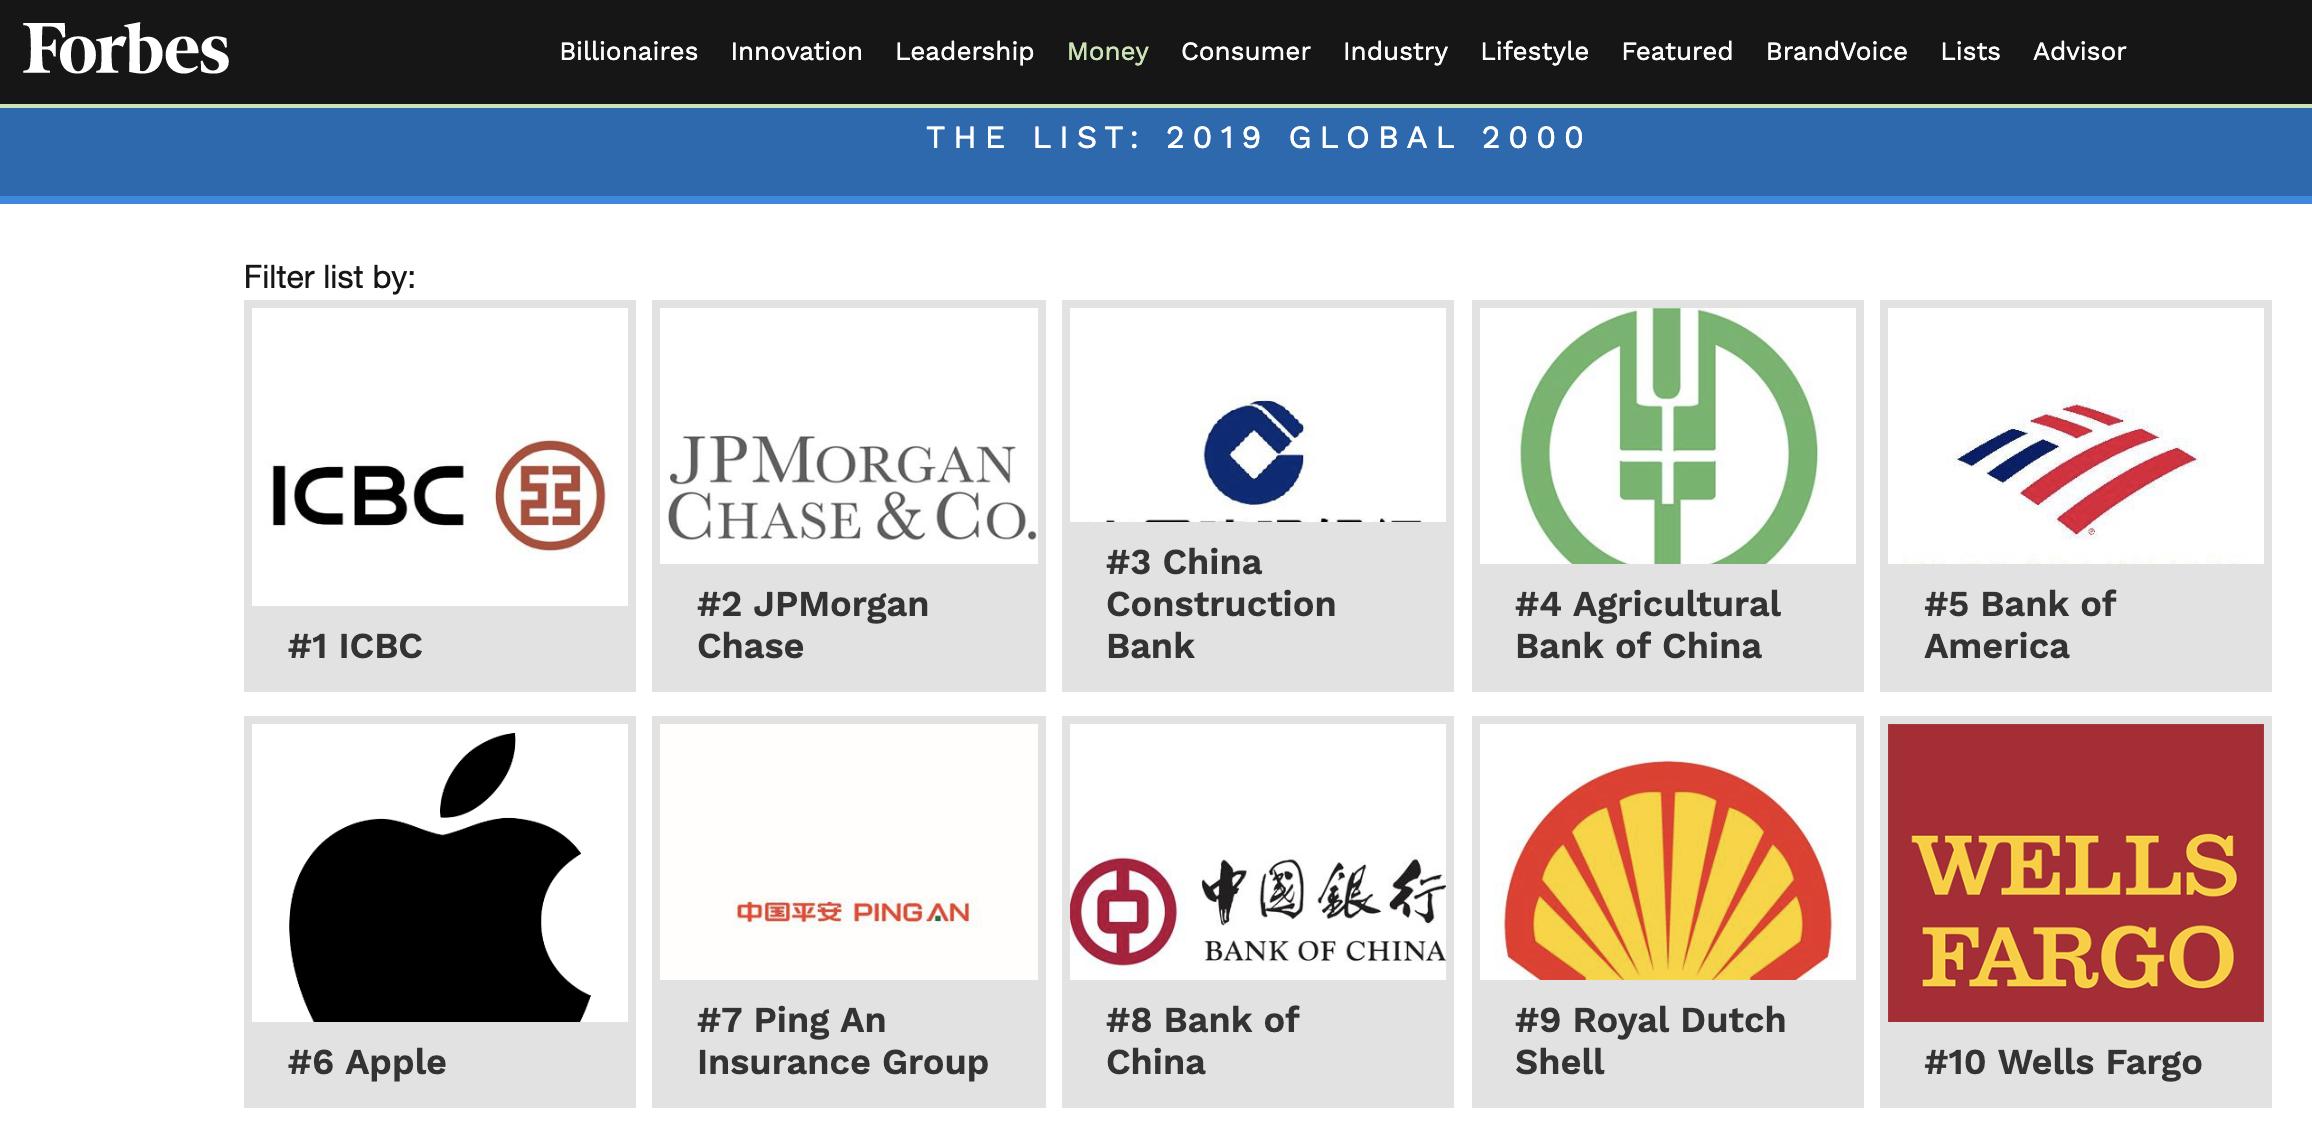 福布斯发布第 17 份全球最大上市公司榜单,苹果位列第六